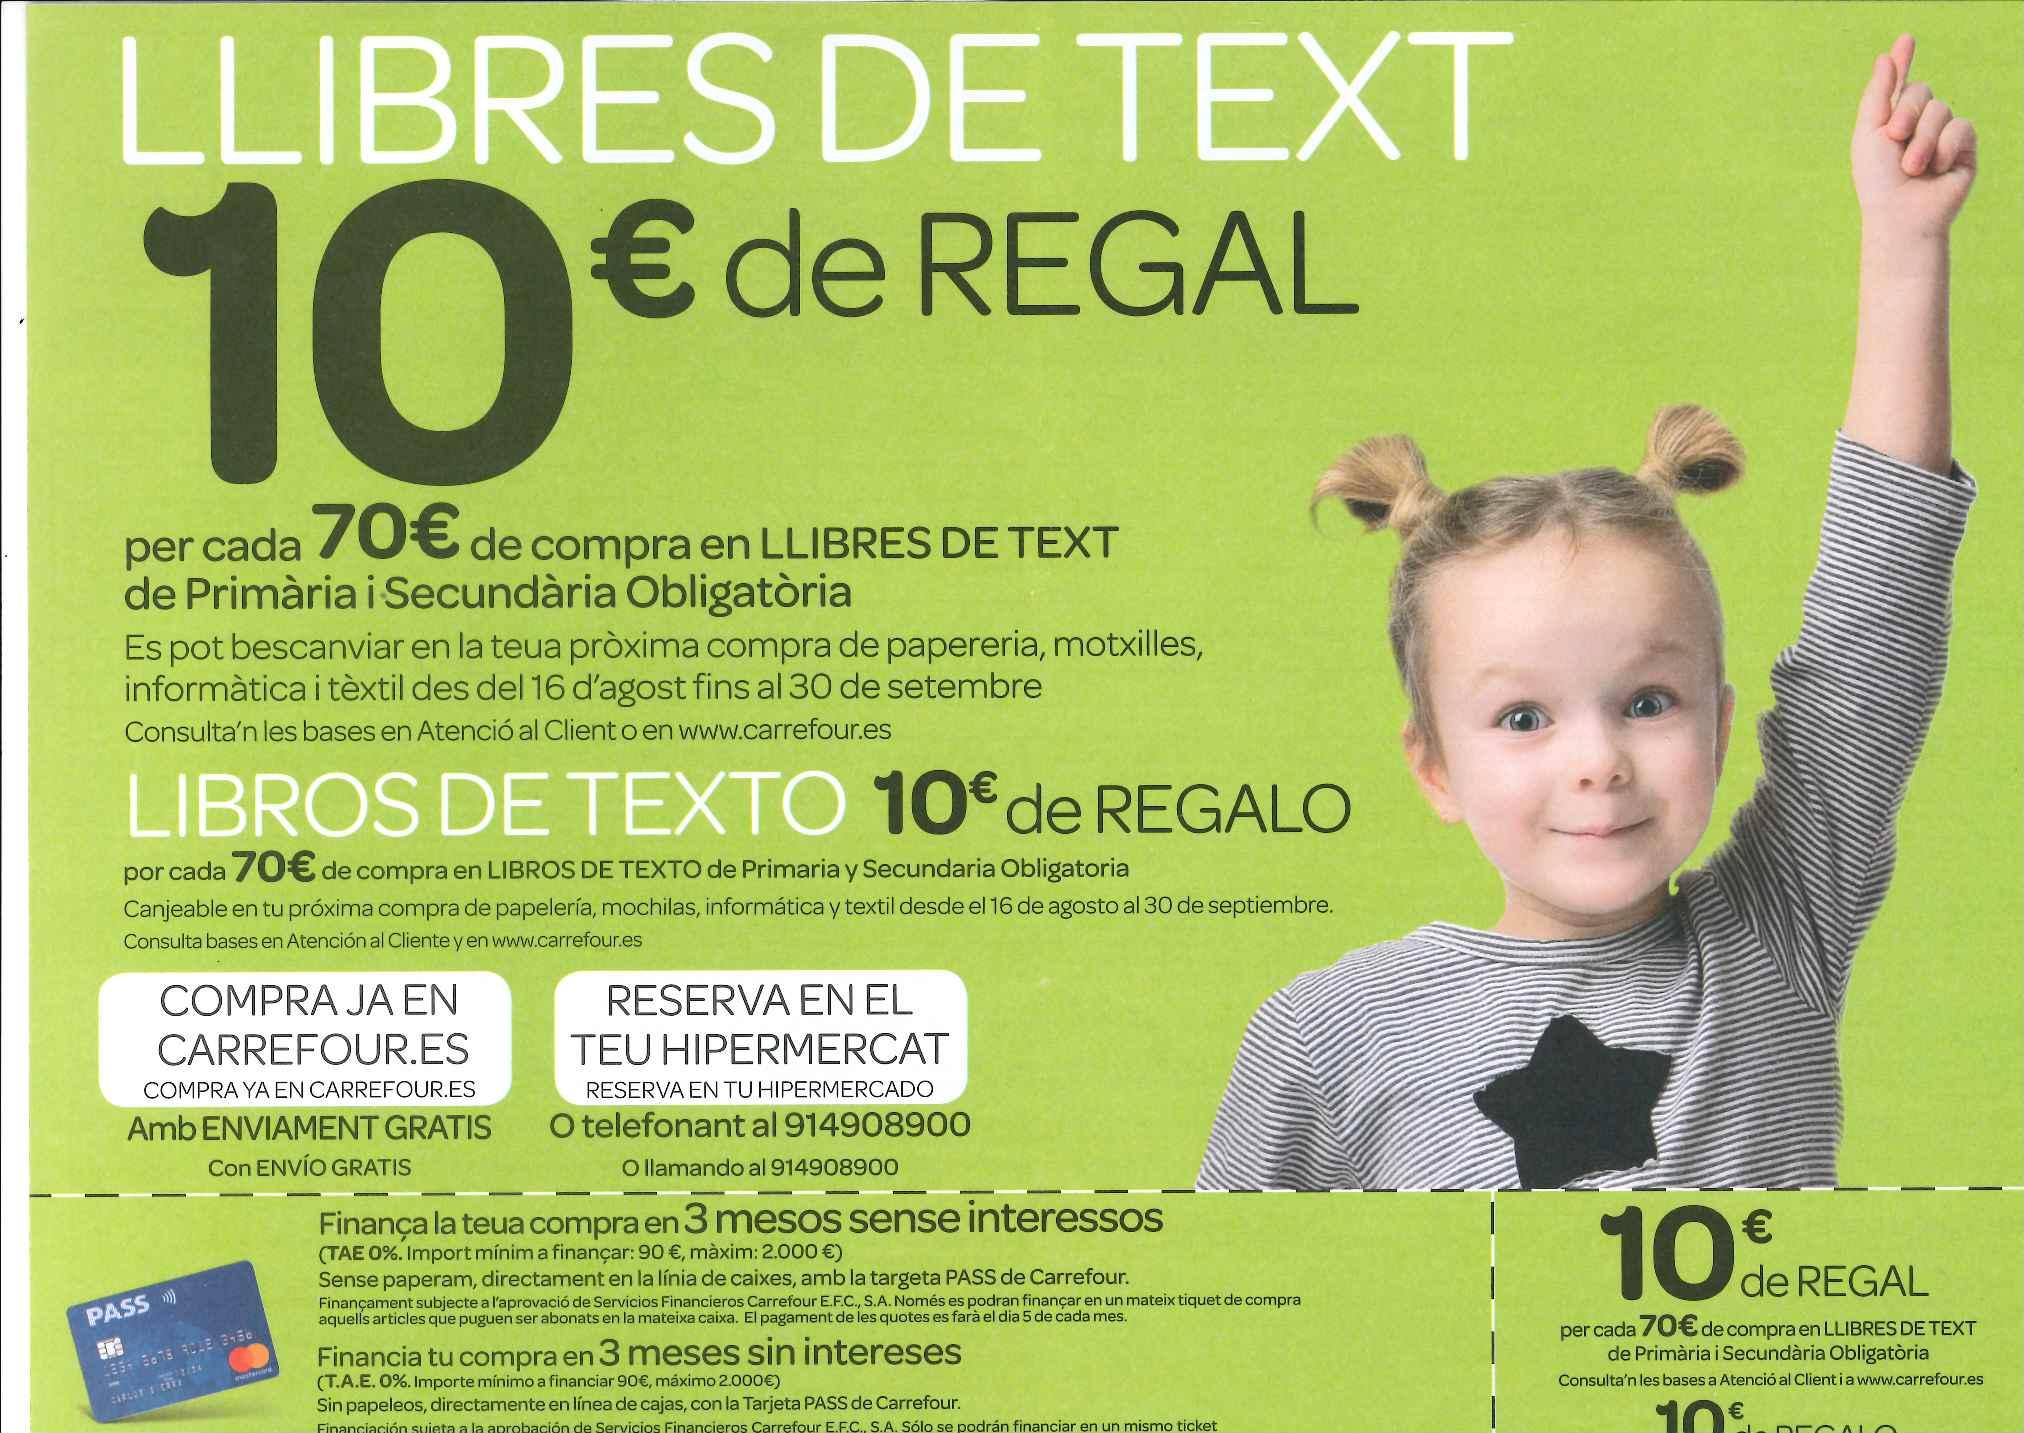 Anuncio de libros de texto Carrefour - Idiomas y Educación db4f4ef899b72